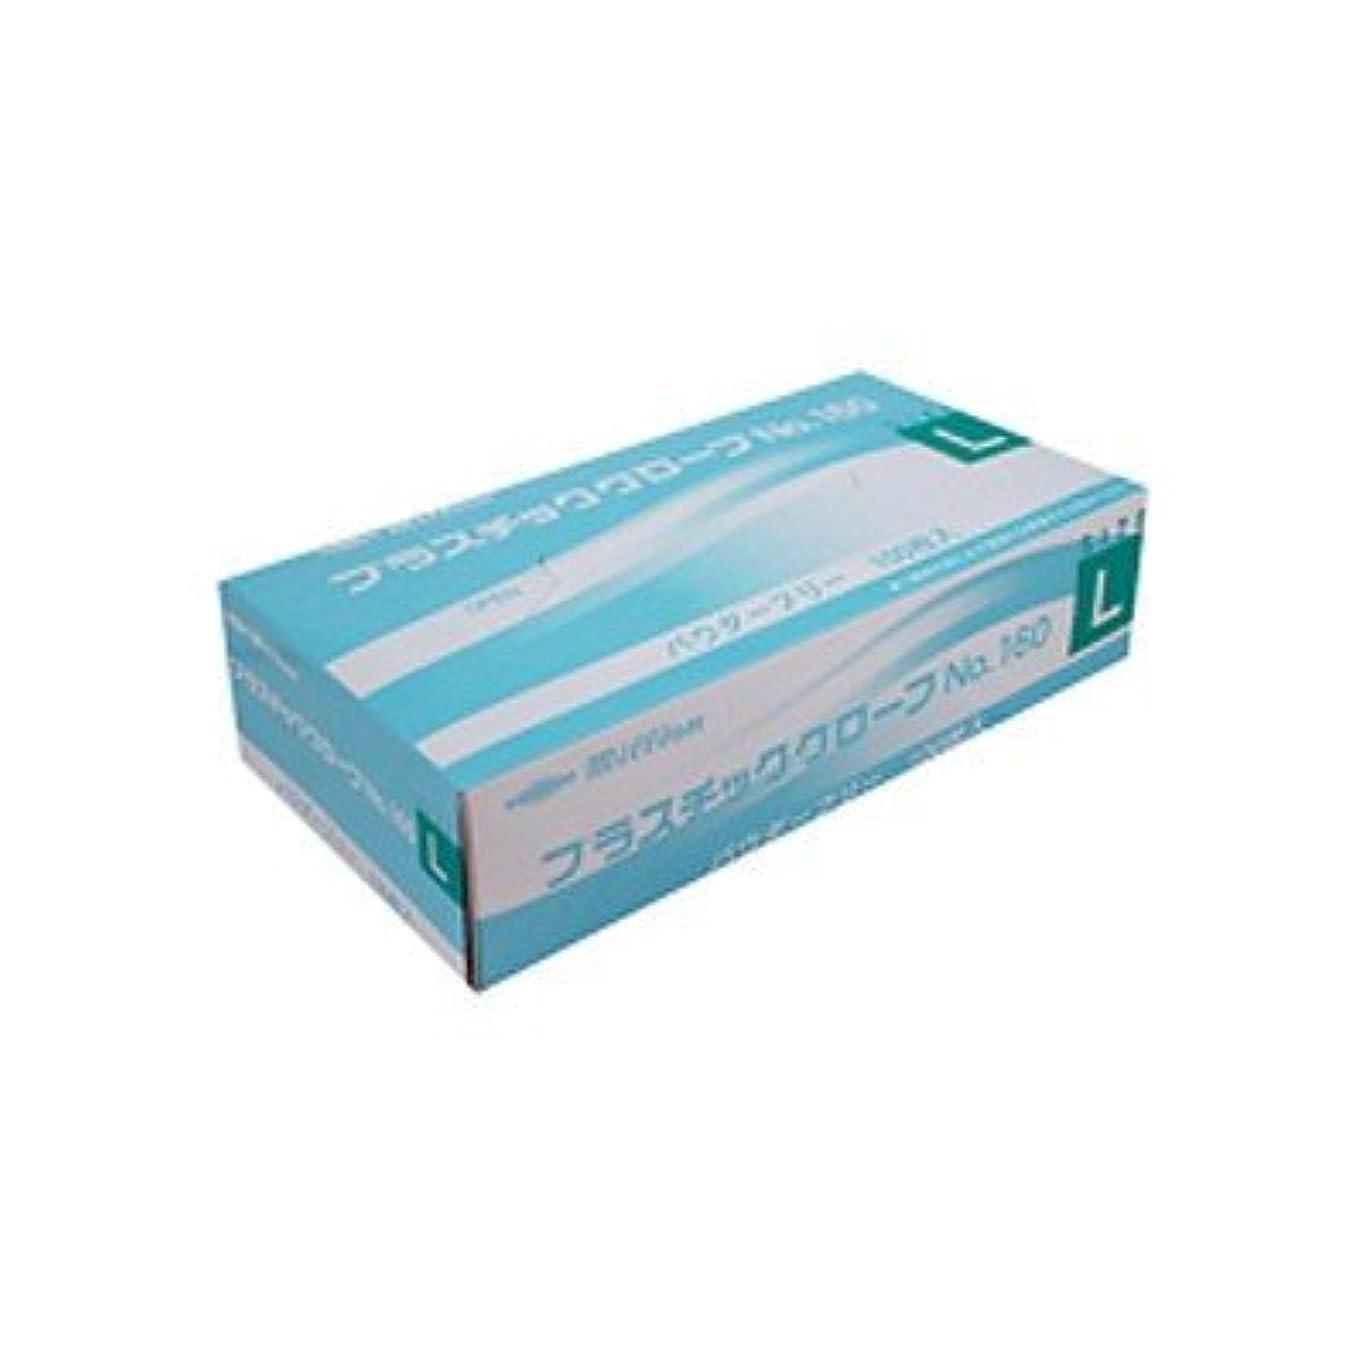 鳥対応するエーカーミリオン プラスチック手袋 粉無 No.160 L 品番:LH-160-L 注文番号:62741590 メーカー:共和